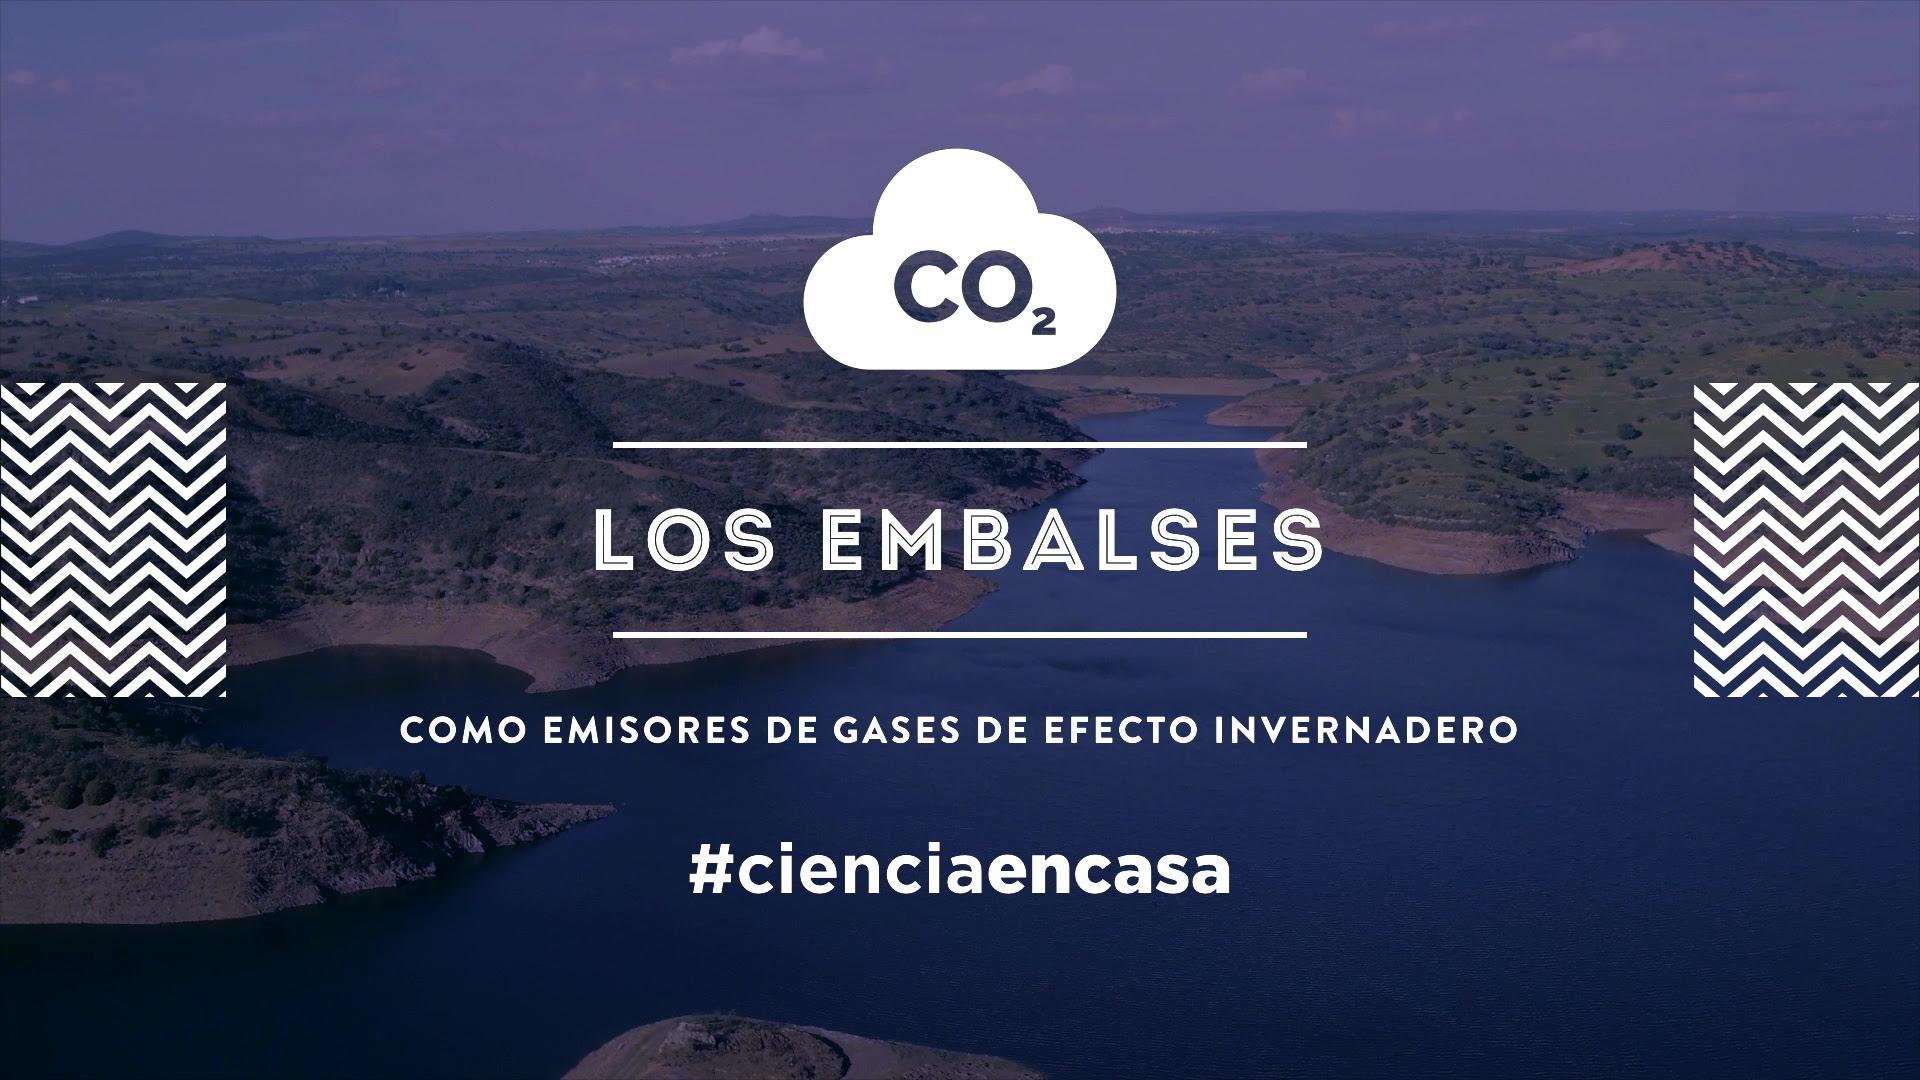 """#CienciaEnCasa: """"Los embalses como emisores de gases de efecto invernadero"""", por Elizabeth León"""